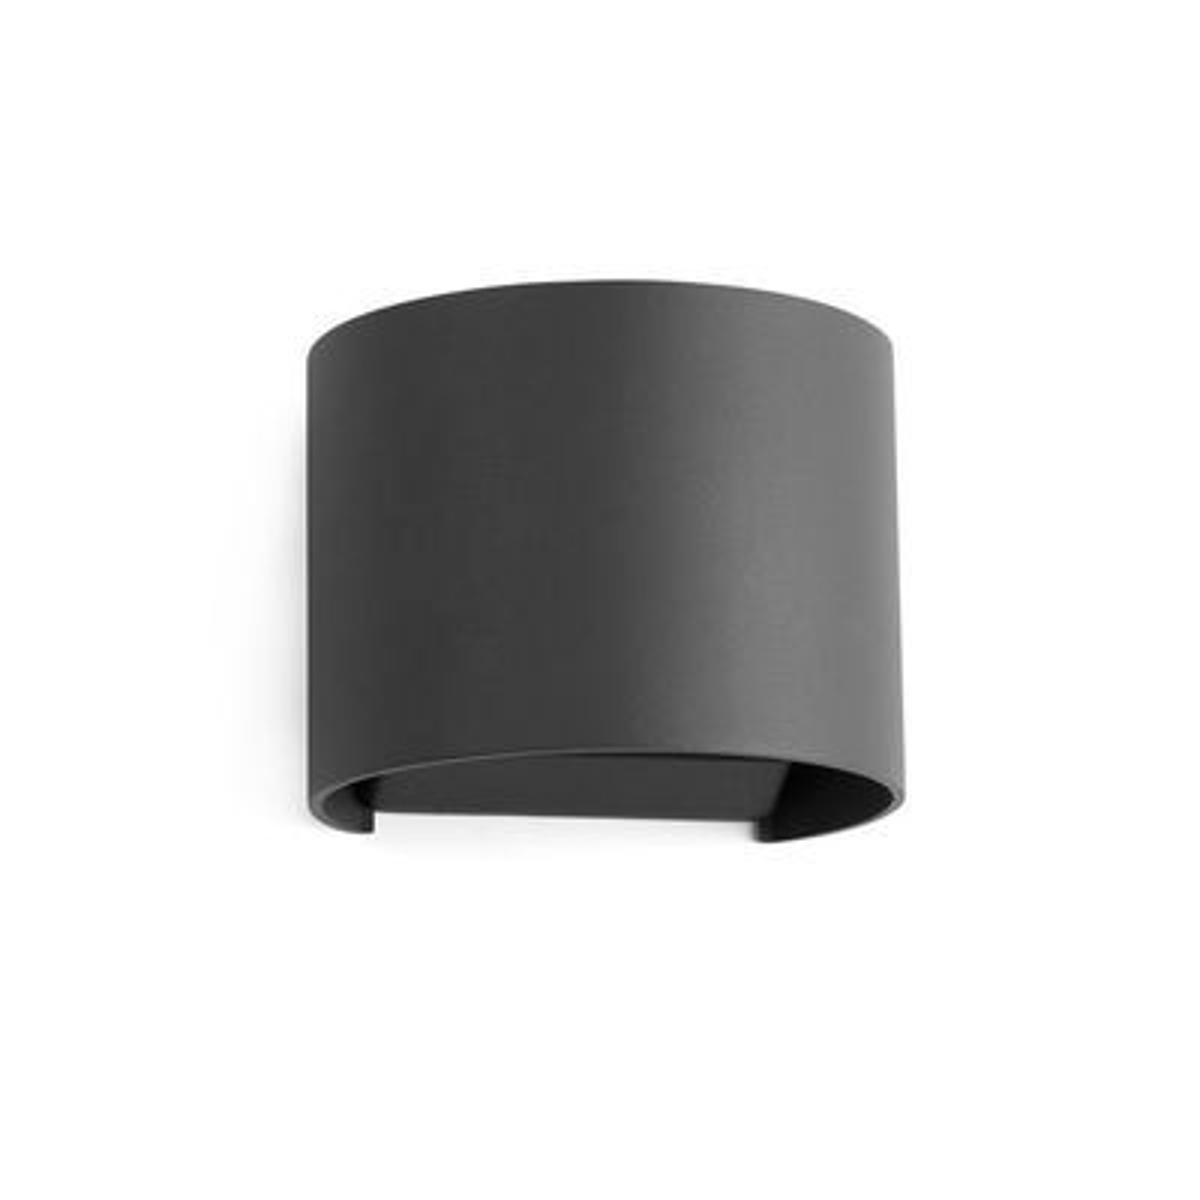 Applique Extérieur Sunset Gris CREE LED 2x3W 3000K 260lm IP54 - FARO - 70687